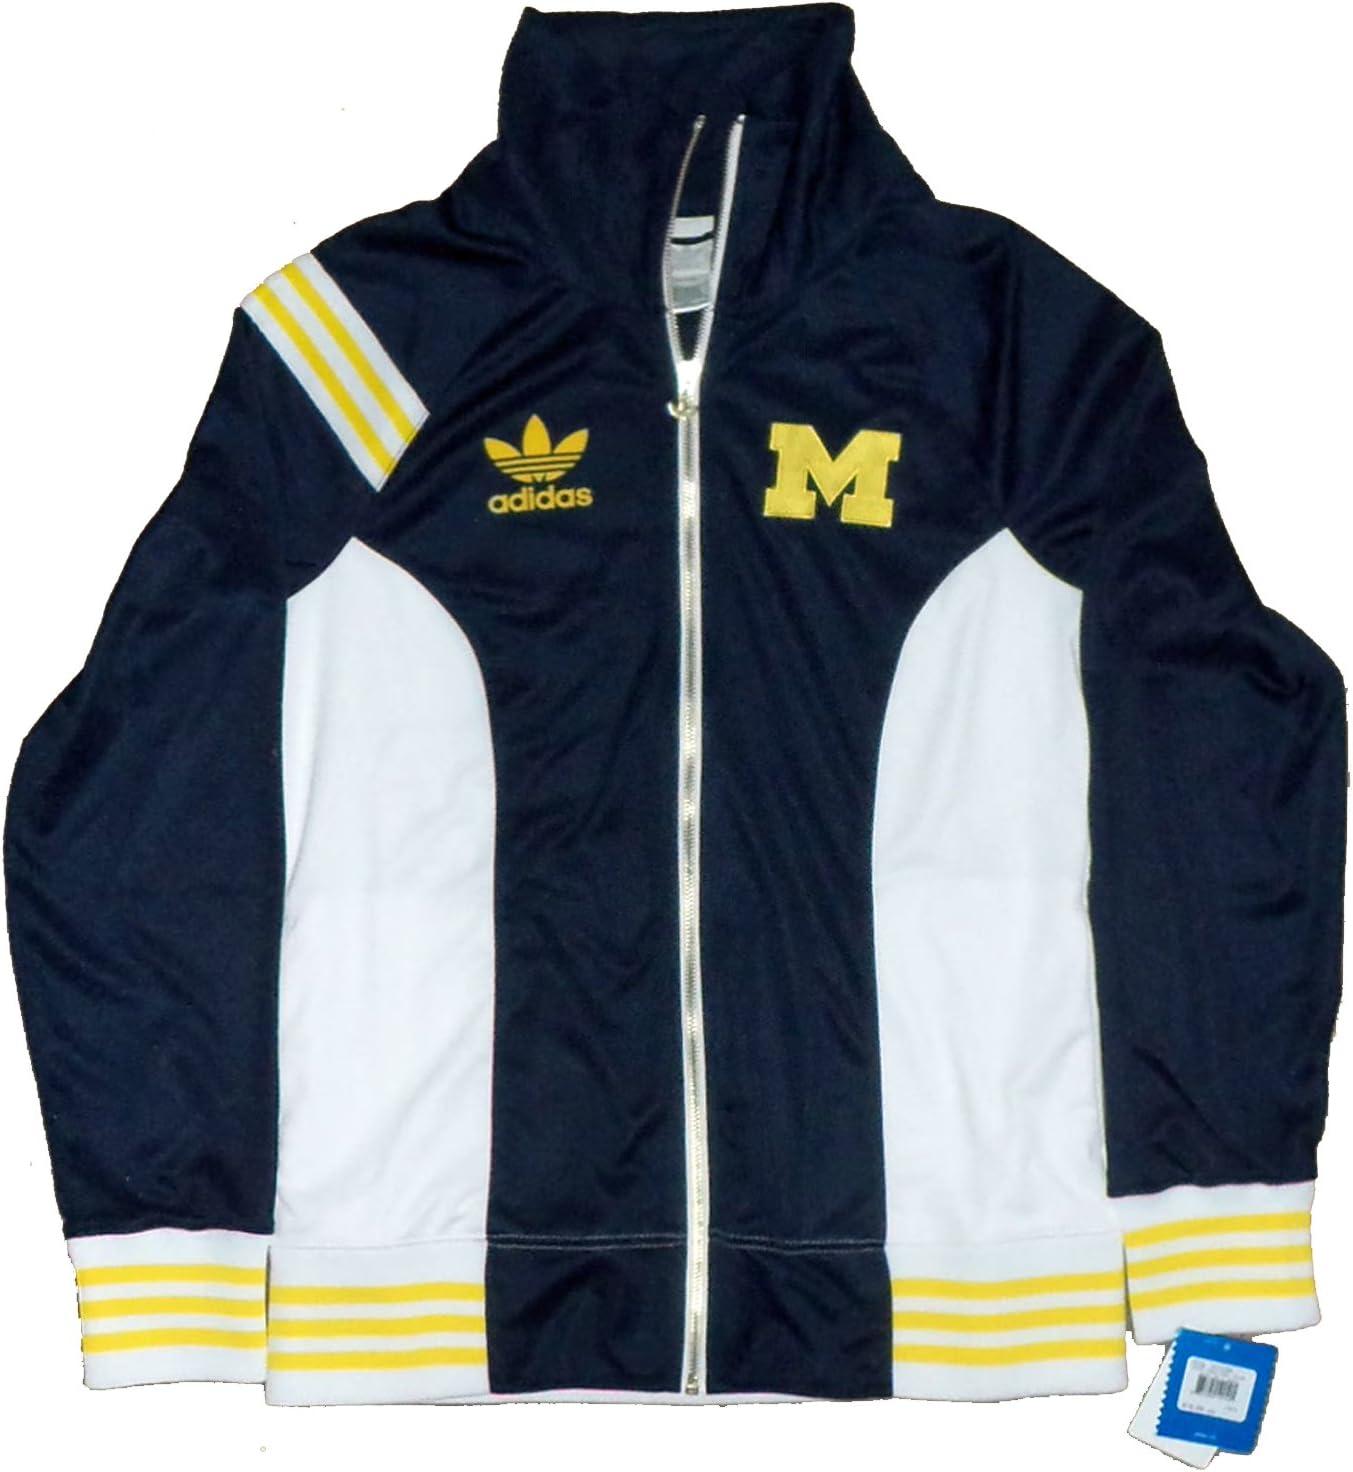 adidas Universidad de Michigan Wolverine Licencia Oficial de la Mujer Cuello Chaqueta para Hombre, Blue, White, Yellow: Amazon.es: Deportes y aire libre